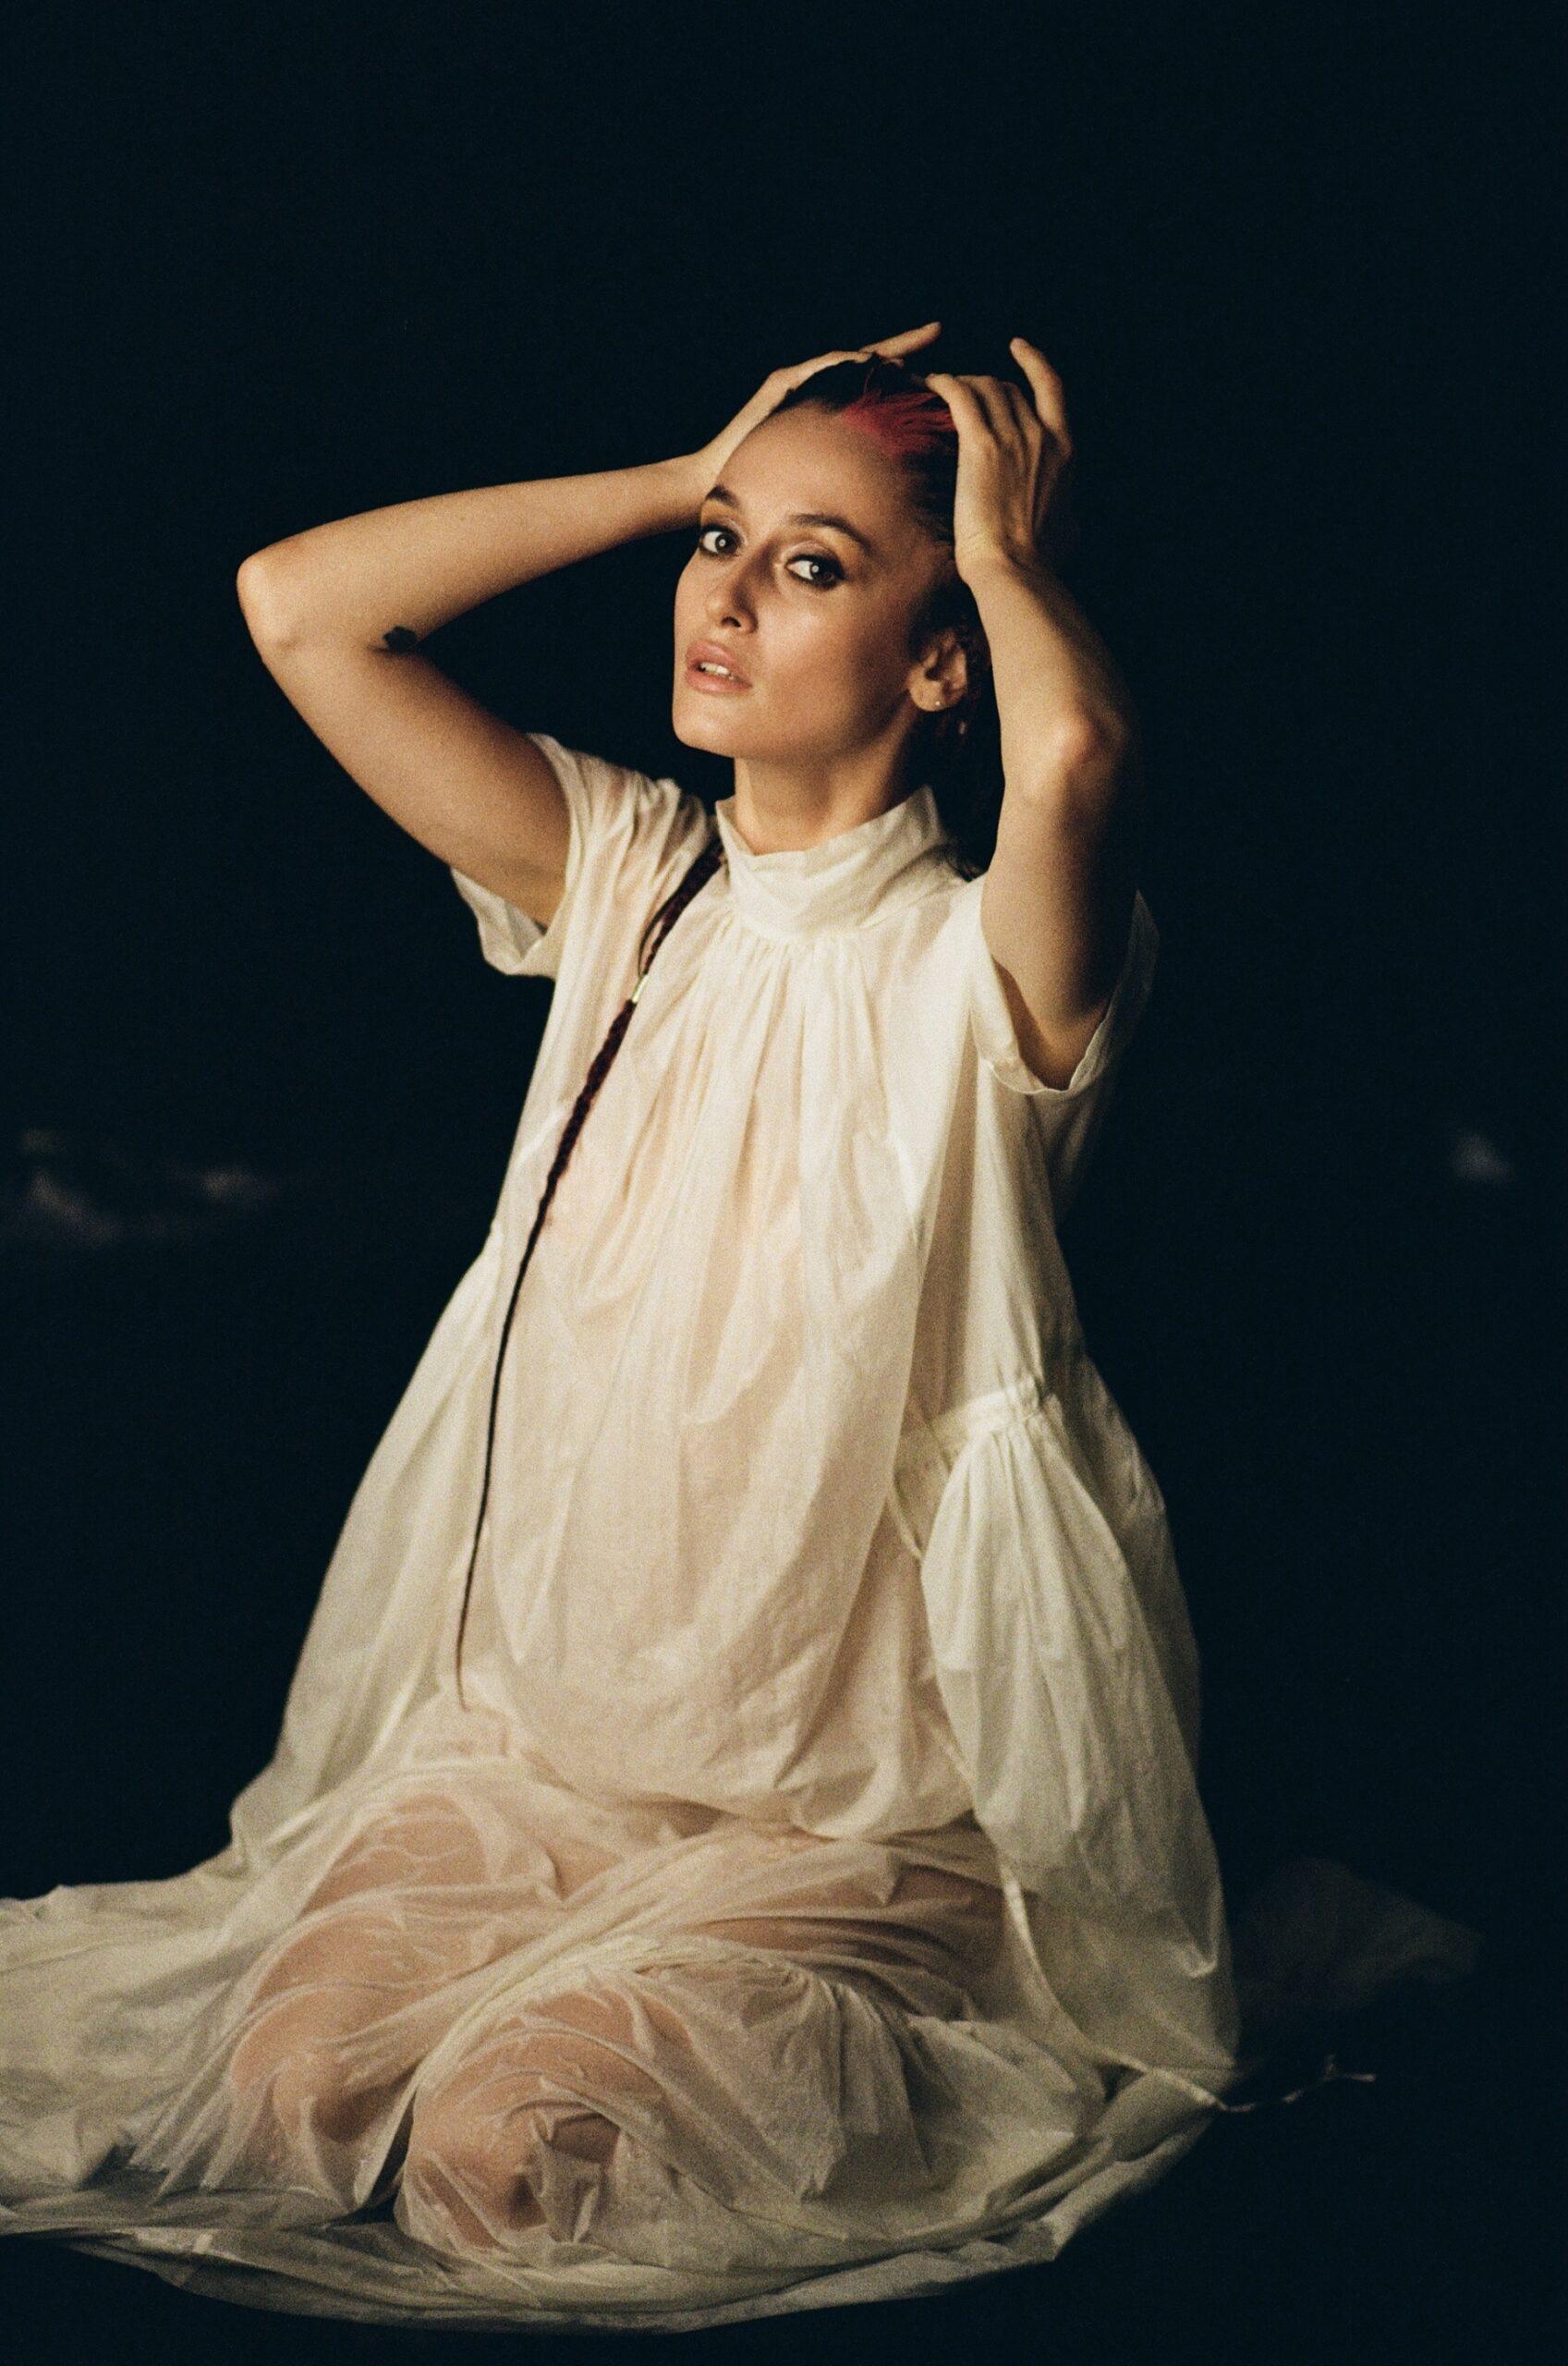 Про що мовчить жінка: Alina Pash, українська співачка, реперка-Фото 2